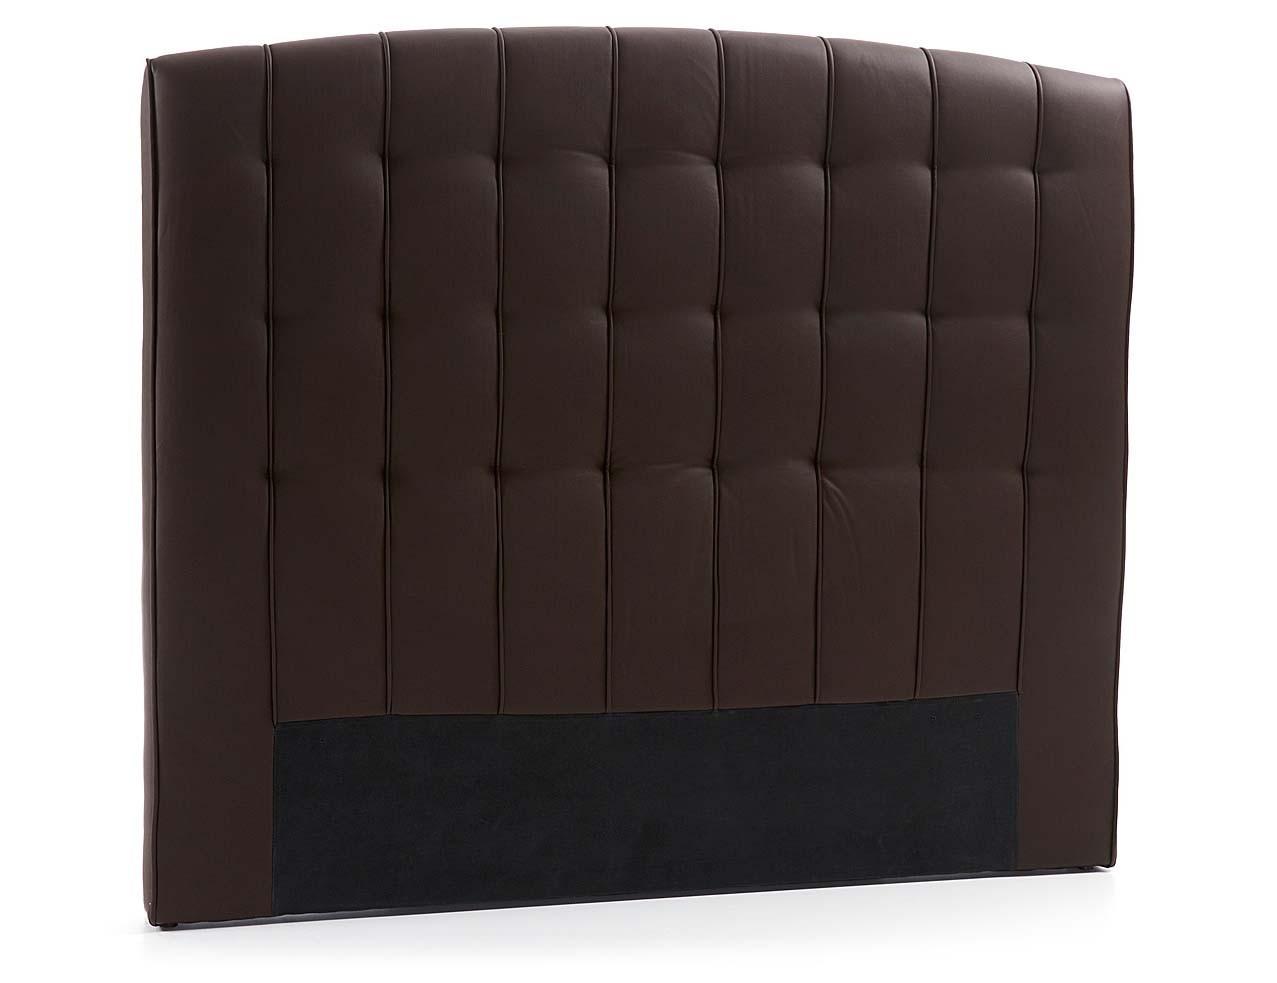 En piel sintética chocolate para cama de 150 cm.